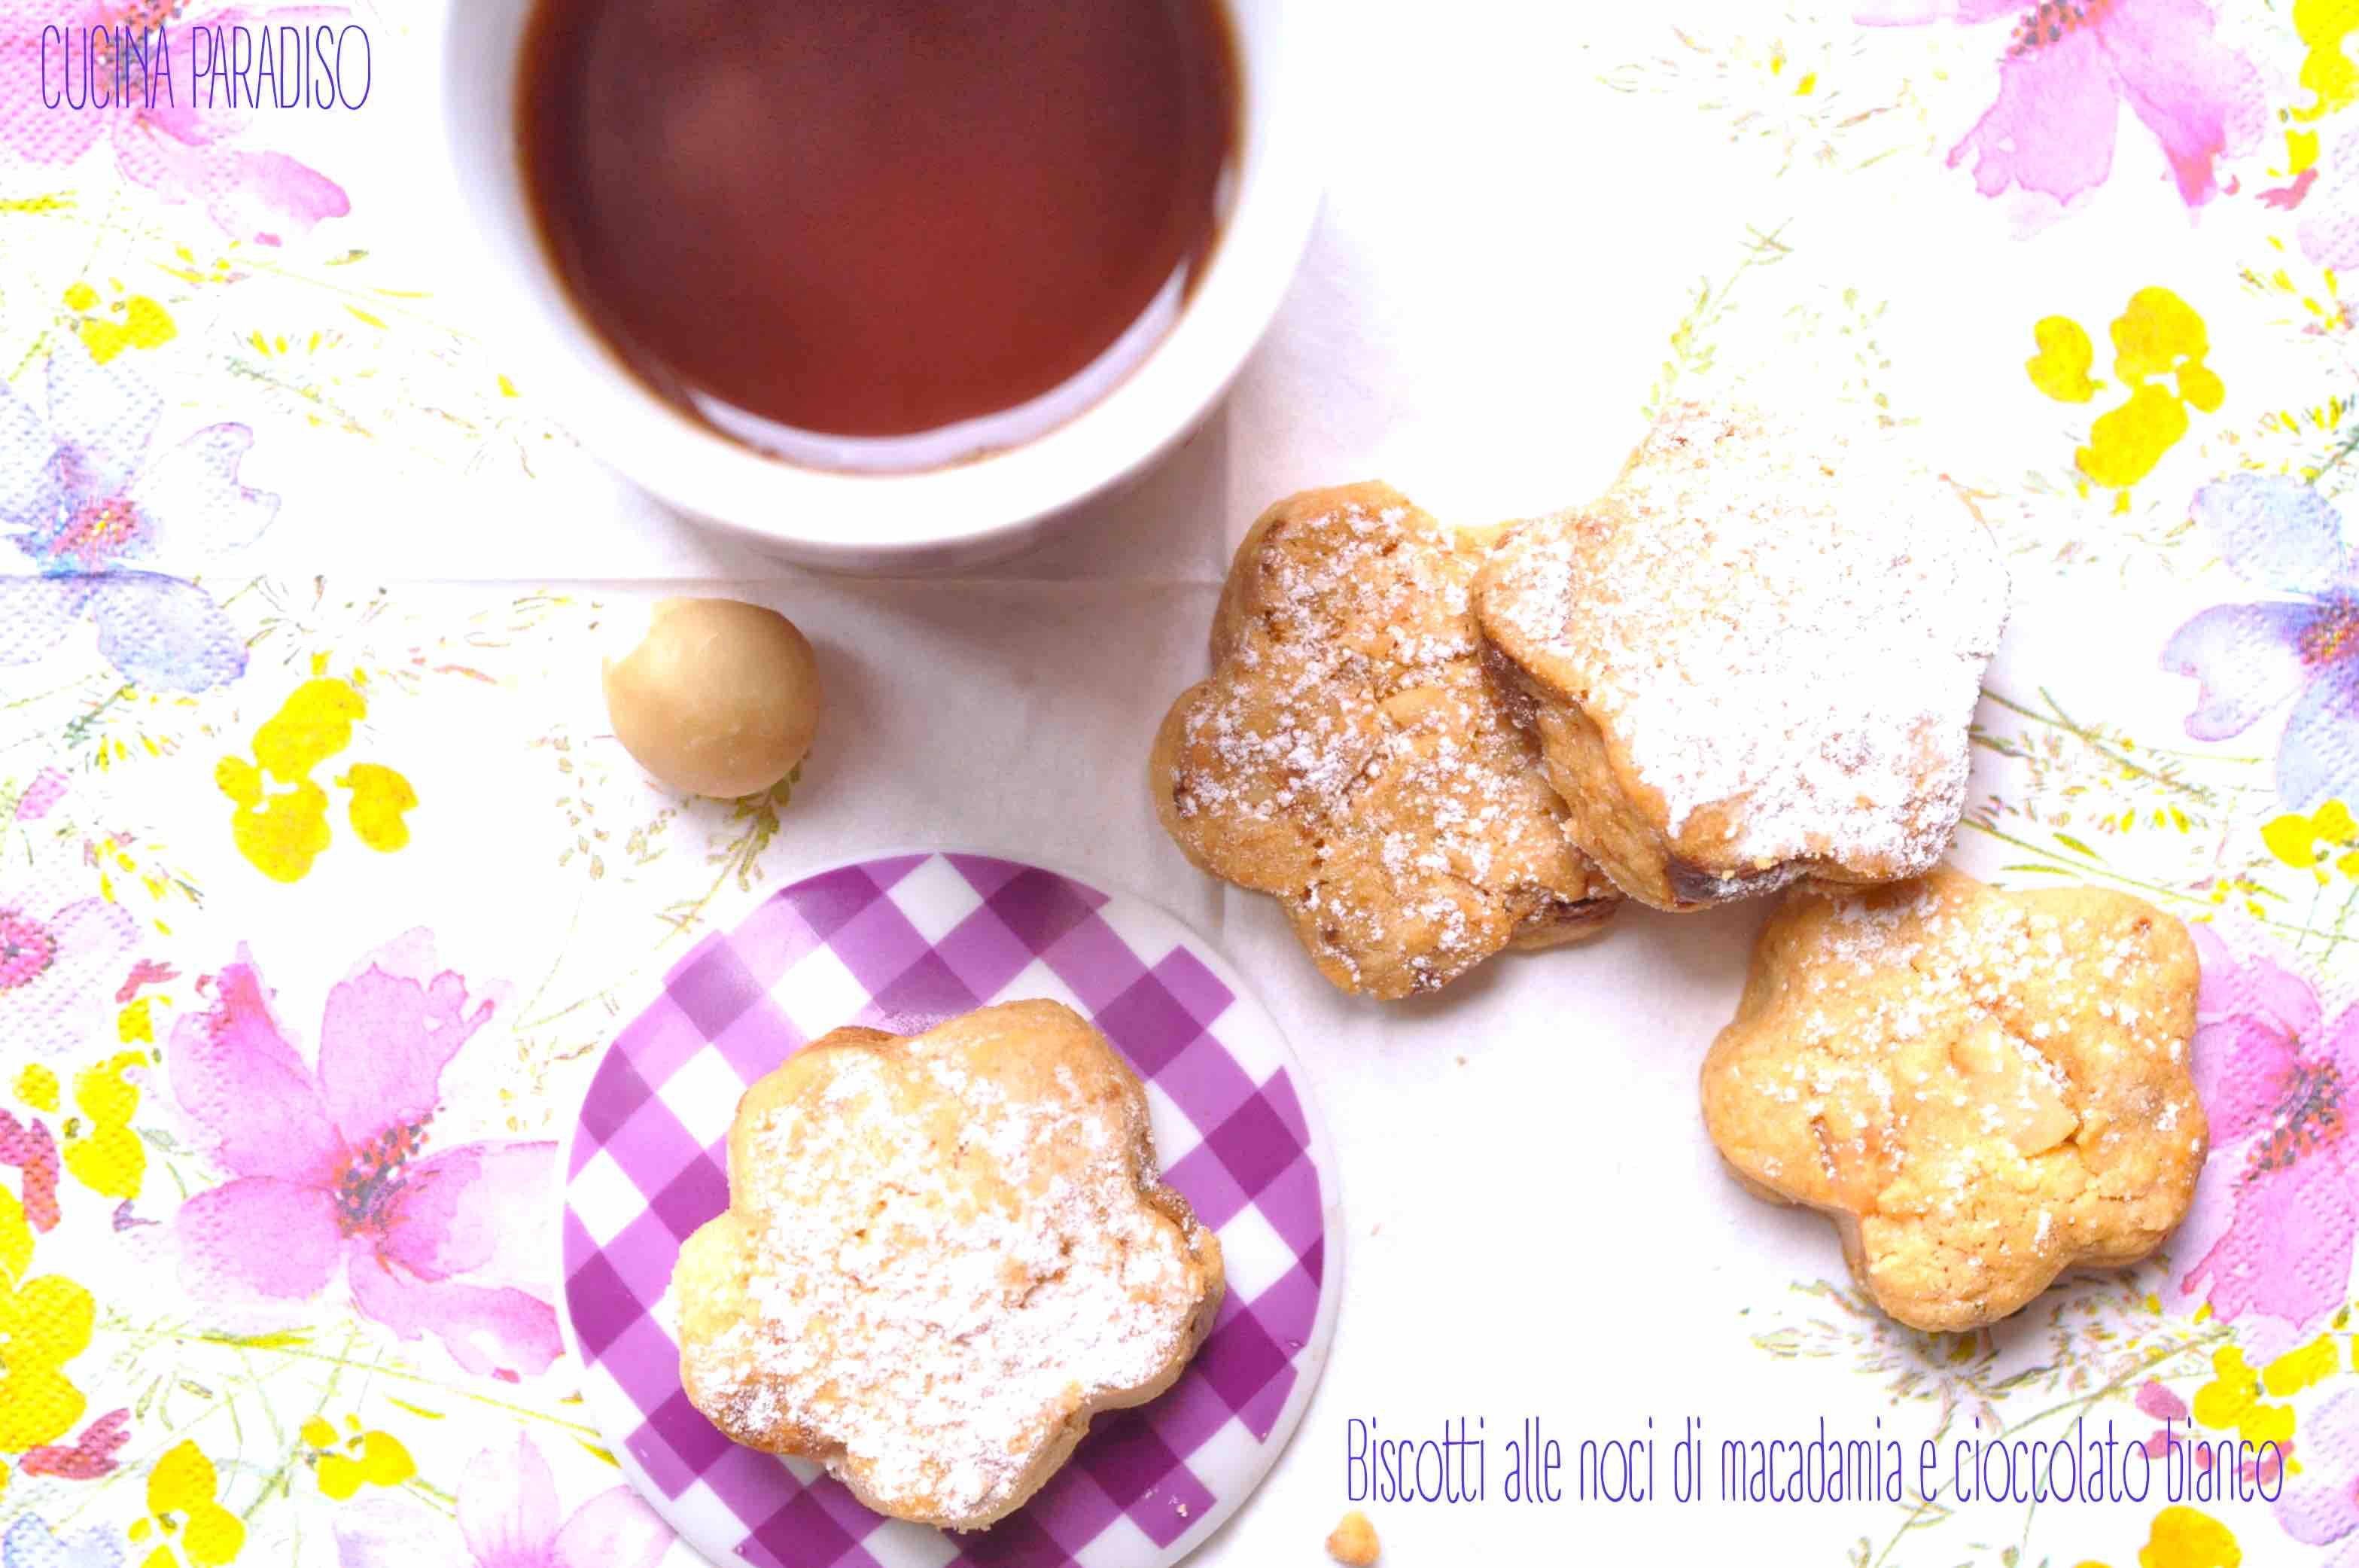 Biscotti alle noci di macadamia e cioccolato bianco2